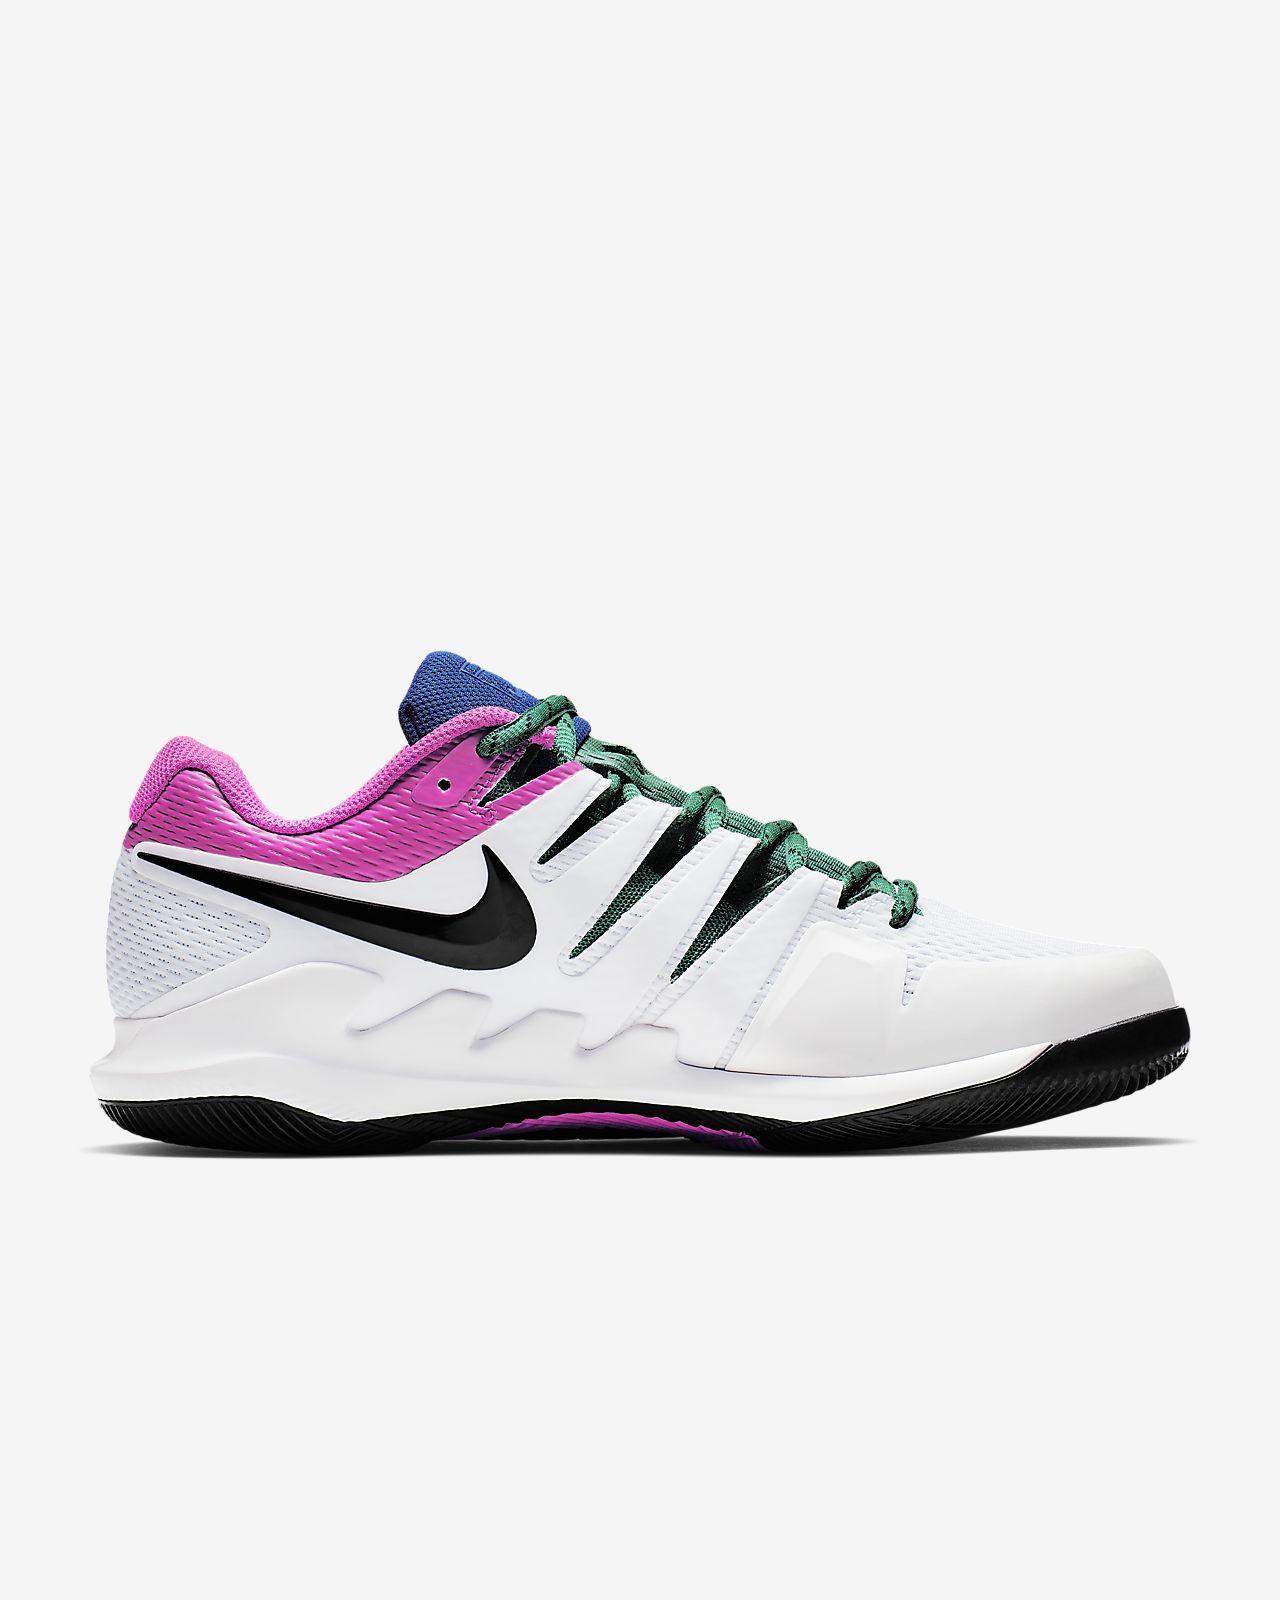 Air Nikecourt Surface Homme Vapor X Zoom Tennis De Pour Dure Chaussure gybv7Yf6